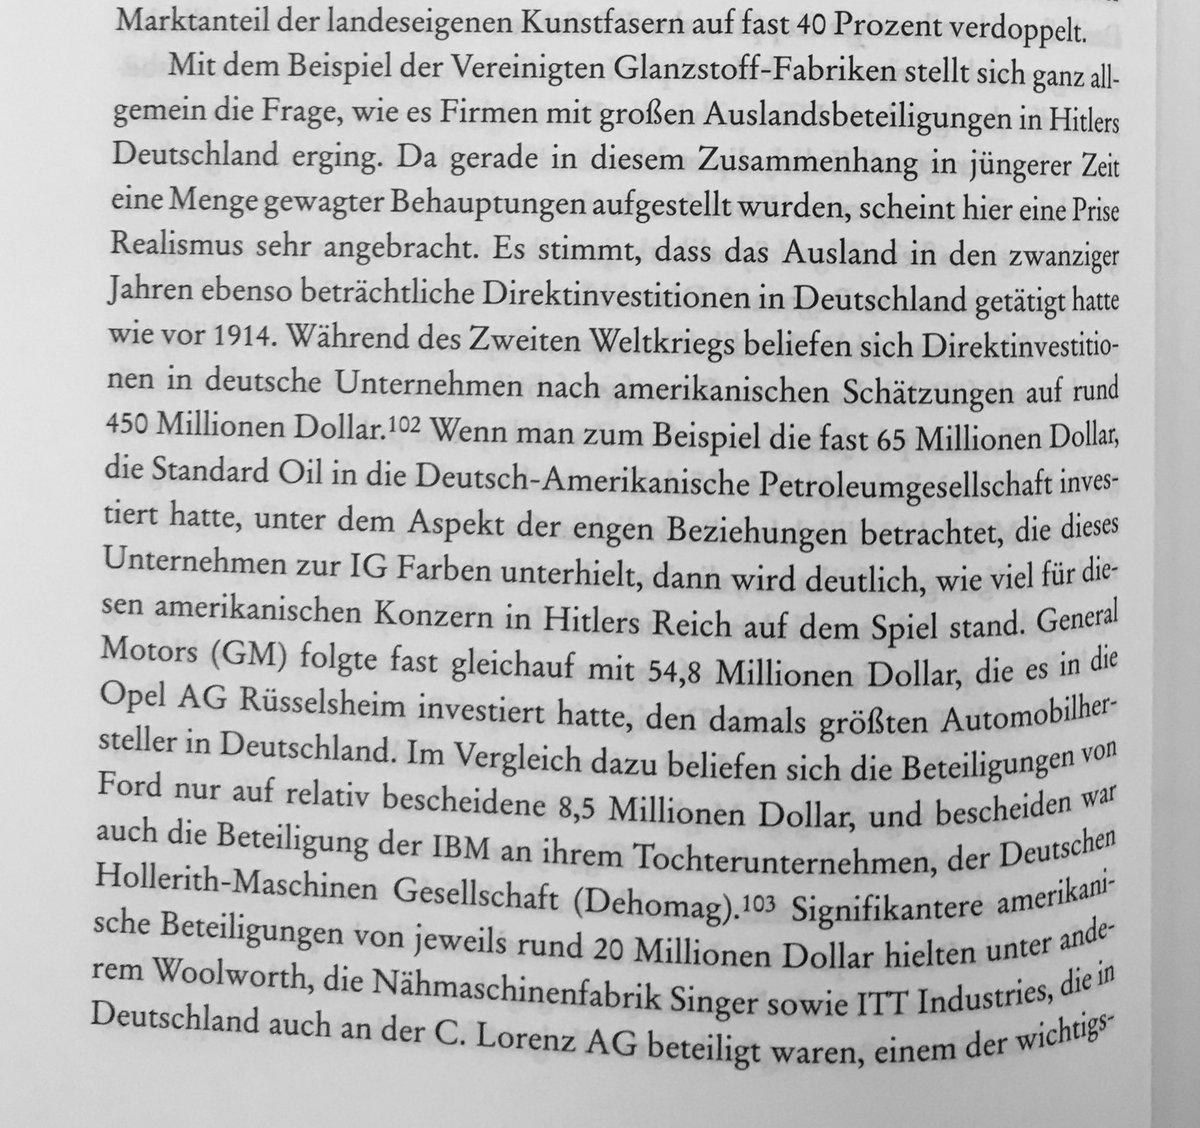 Die Fragen nach einer ausländischen Finanzierung Hitlers oder das System der Zwangsarbeiter bräuchten wahrscheinlich einen eigenen Thread.  Der Wirtschaftshistoriker Adam Tooze gibt in seinem Buch Ökonomie der Zerstörung (S. 164-166) einen Ausblick auf die Verflechtung (13) pic.twitter.com/qXNk20wOMk